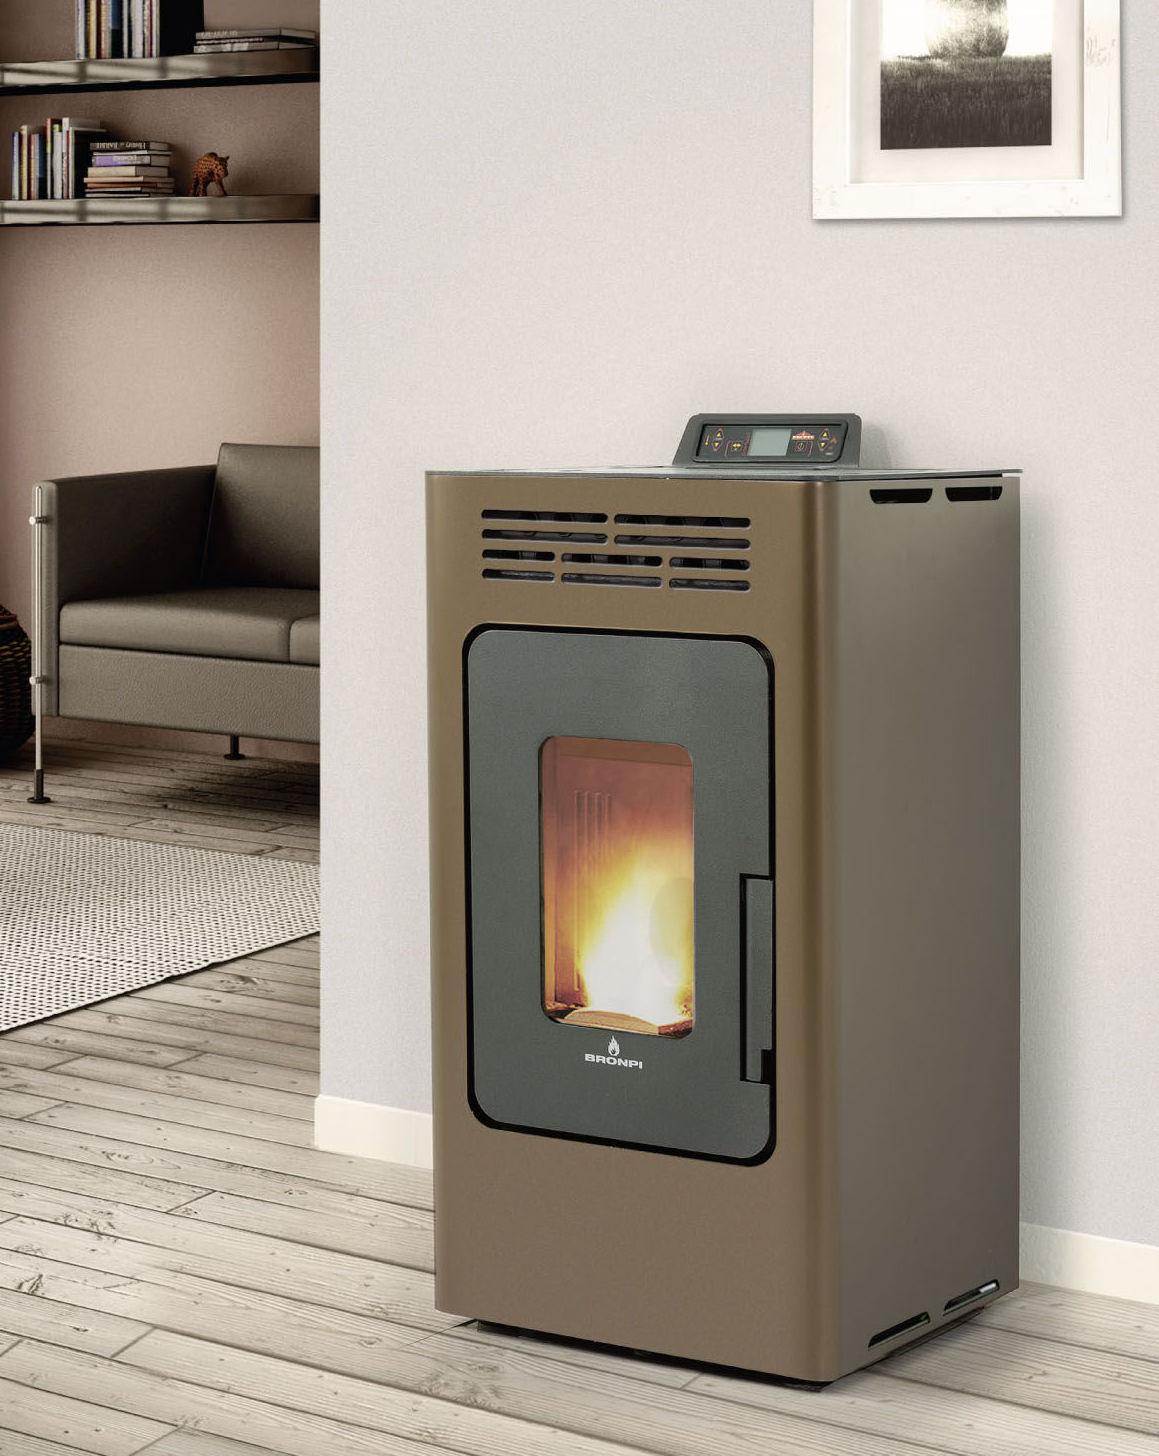 Estufa de aire de 8kw. Disponible en varios colores.